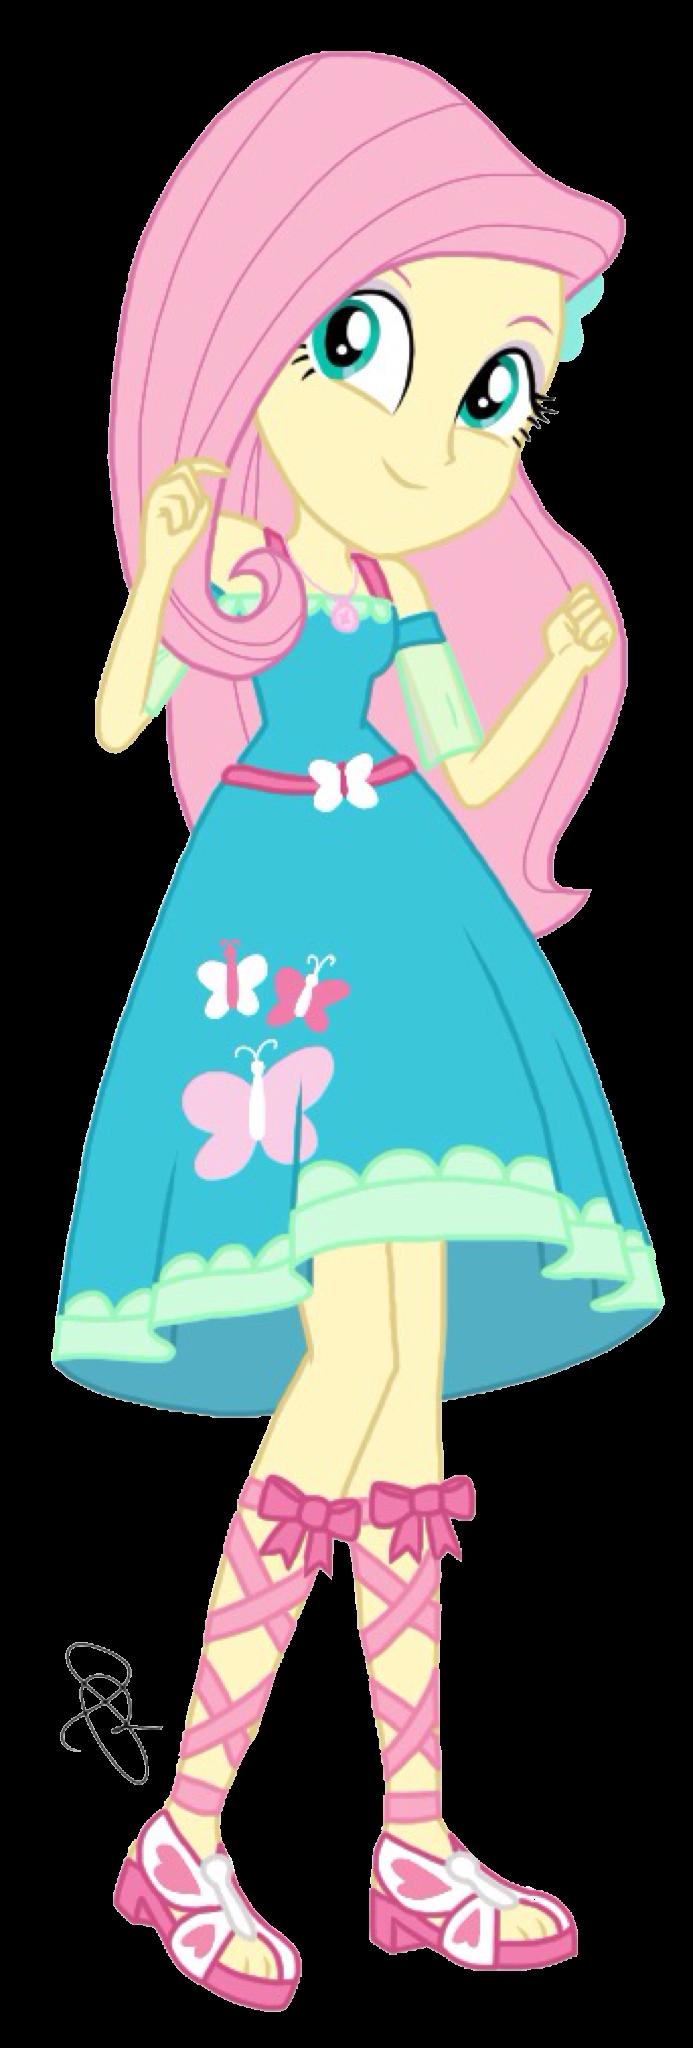 Image Result For Anime Wallpaper For Girla